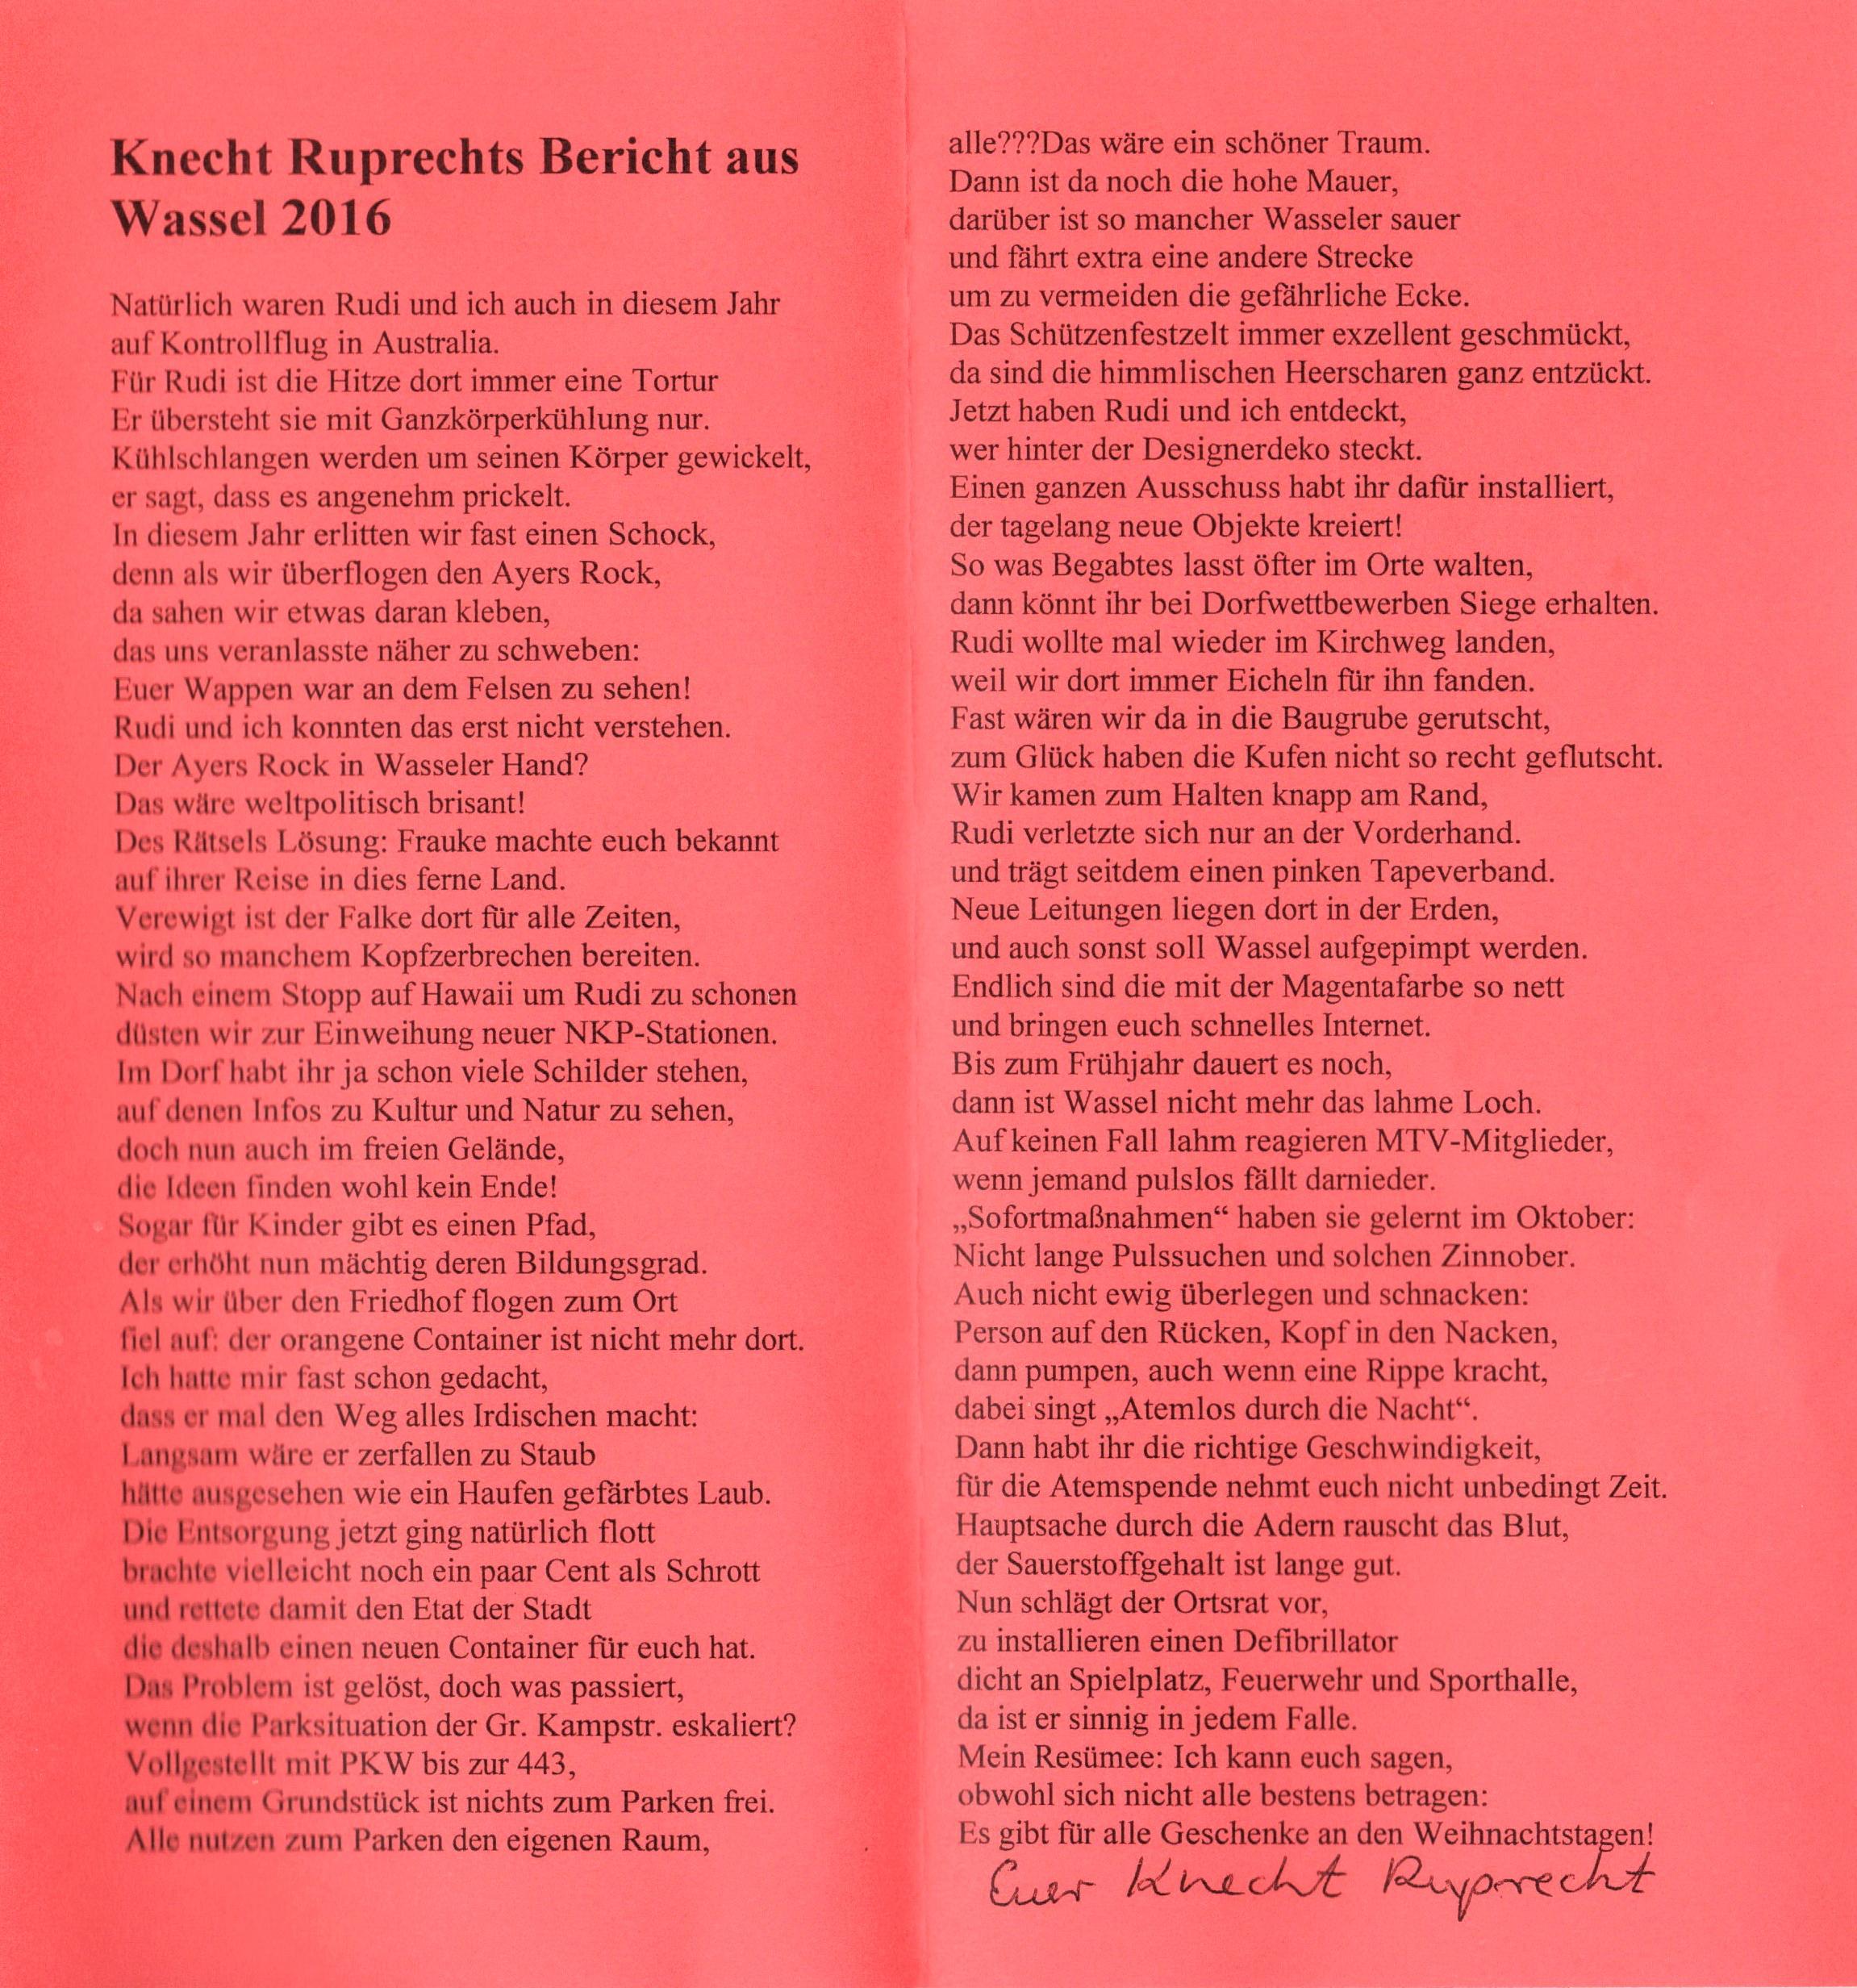 Ruprecht2016